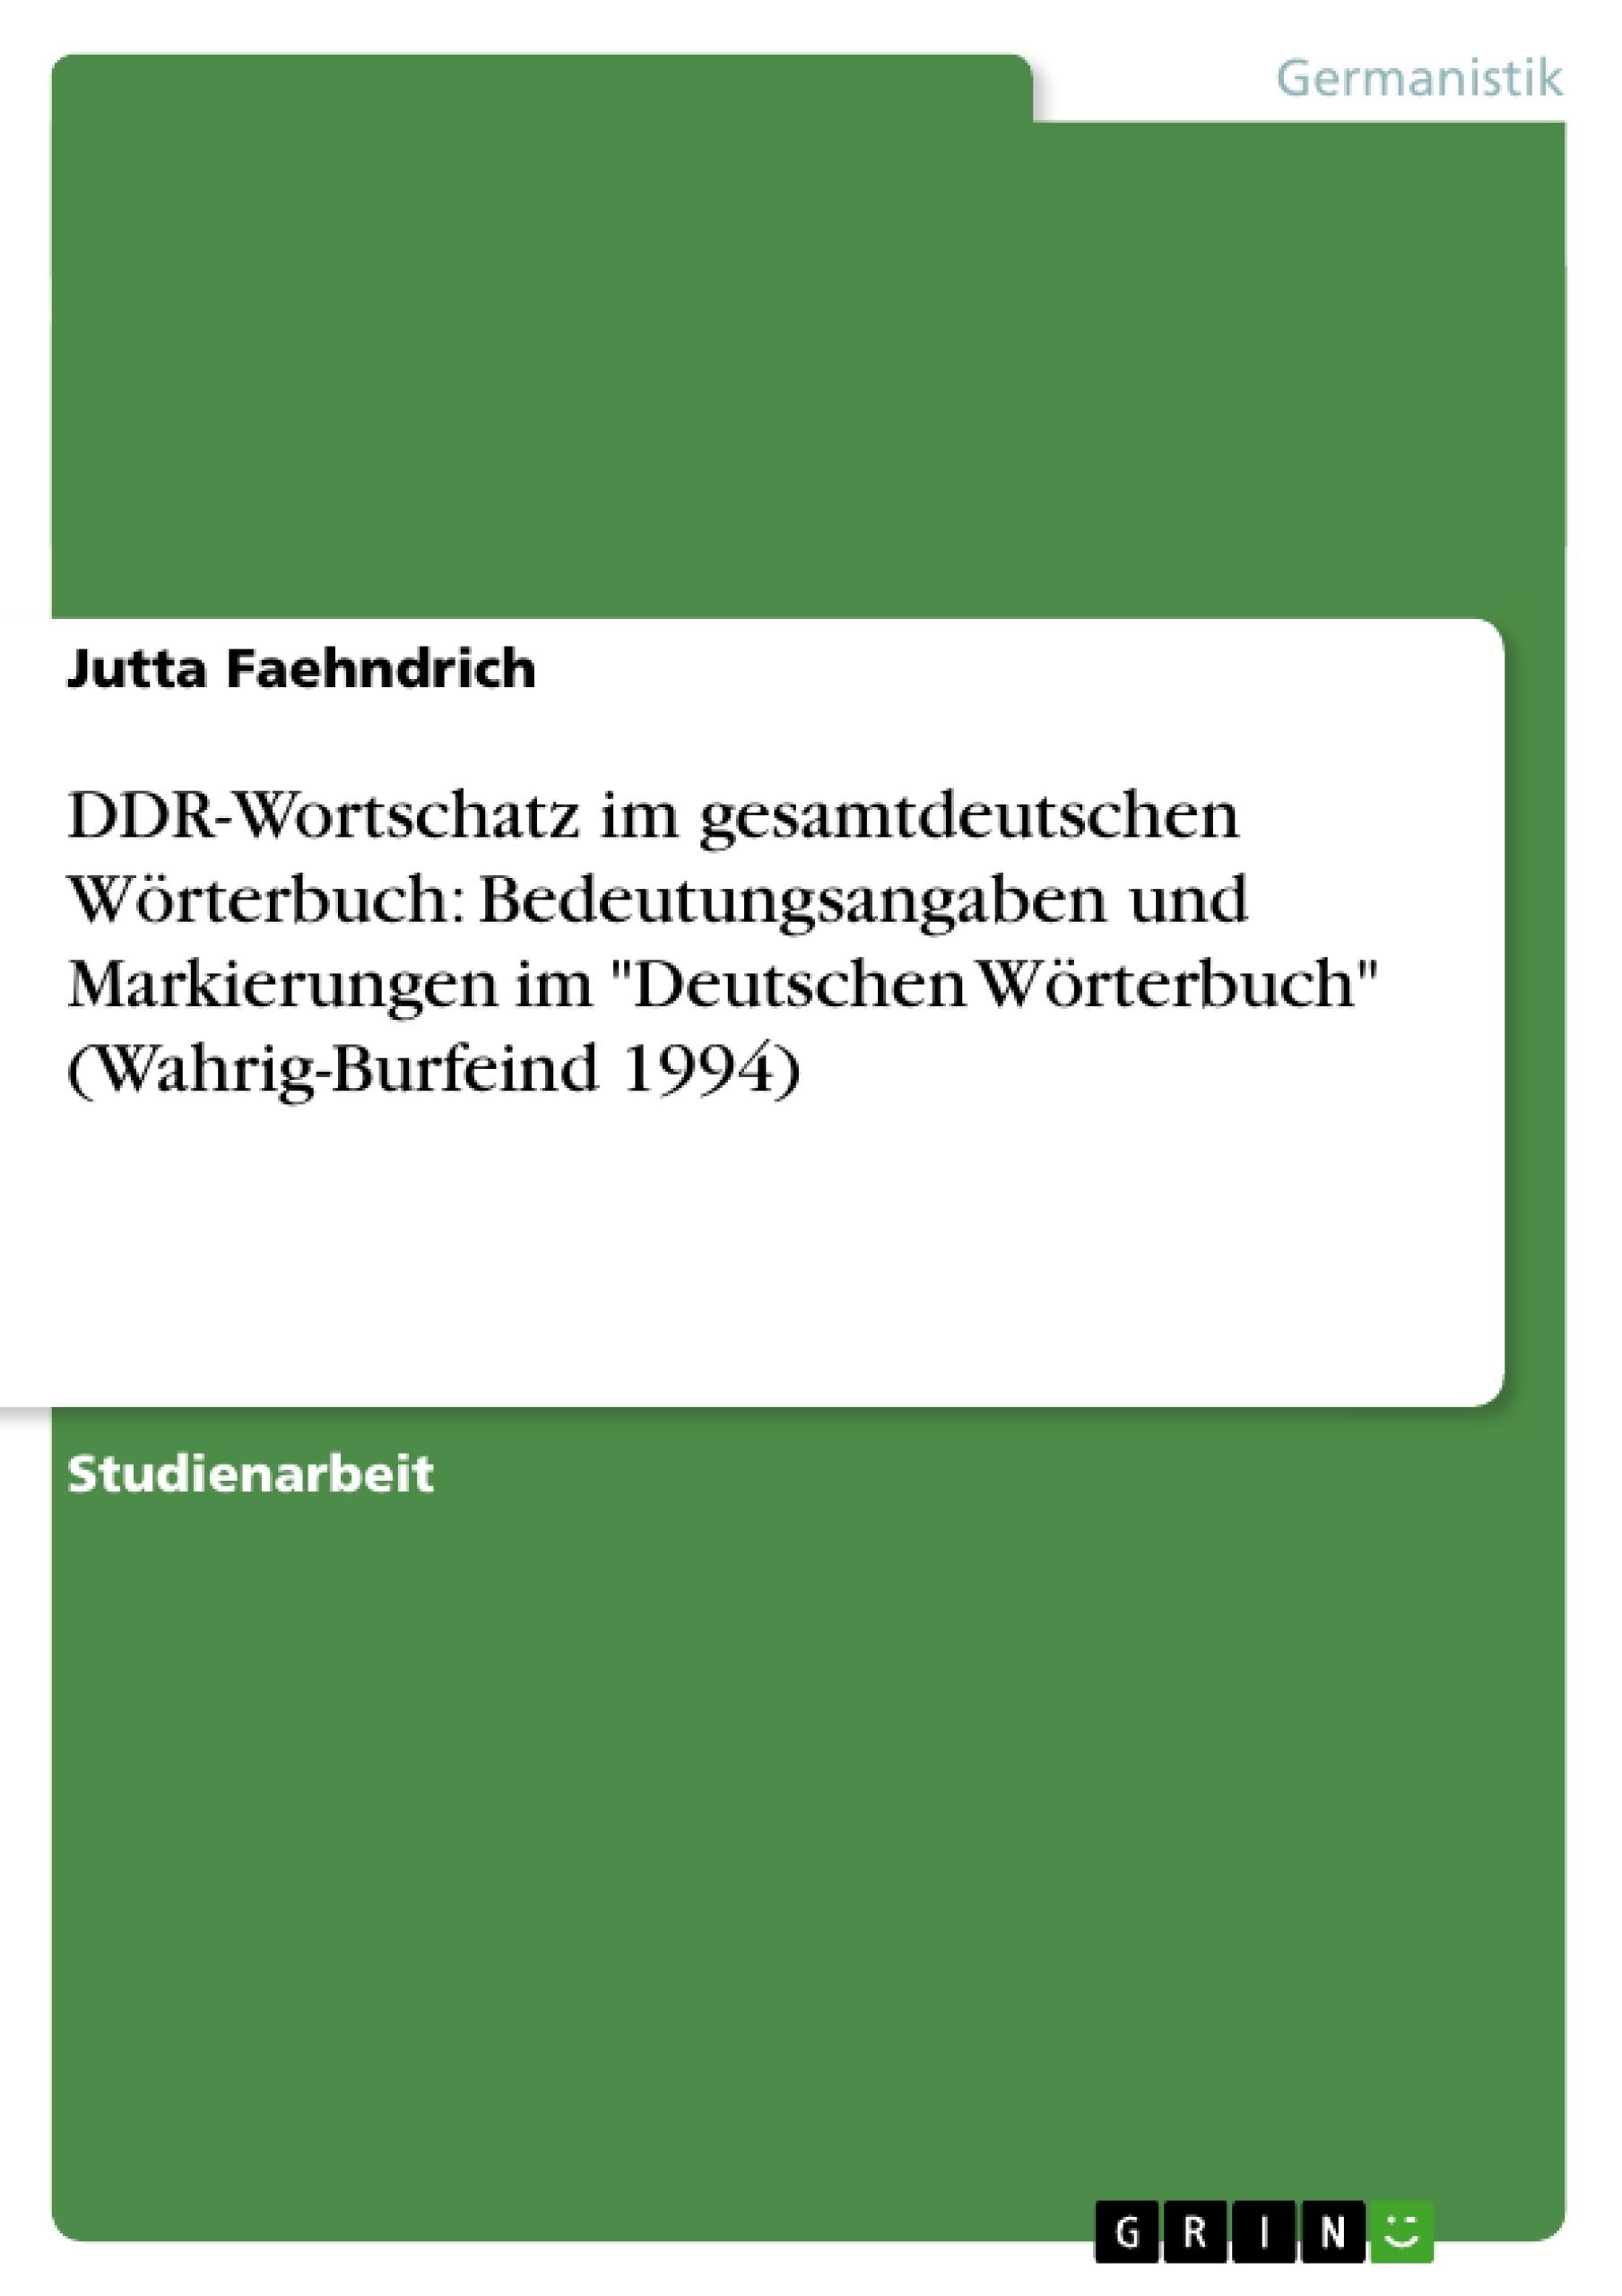 """Titel: DDR-Wortschatz im gesamtdeutschen Wörterbuch: Bedeutungsangaben und Markierungen im """"Deutschen Wörterbuch"""" (Wahrig-Burfeind 1994)"""